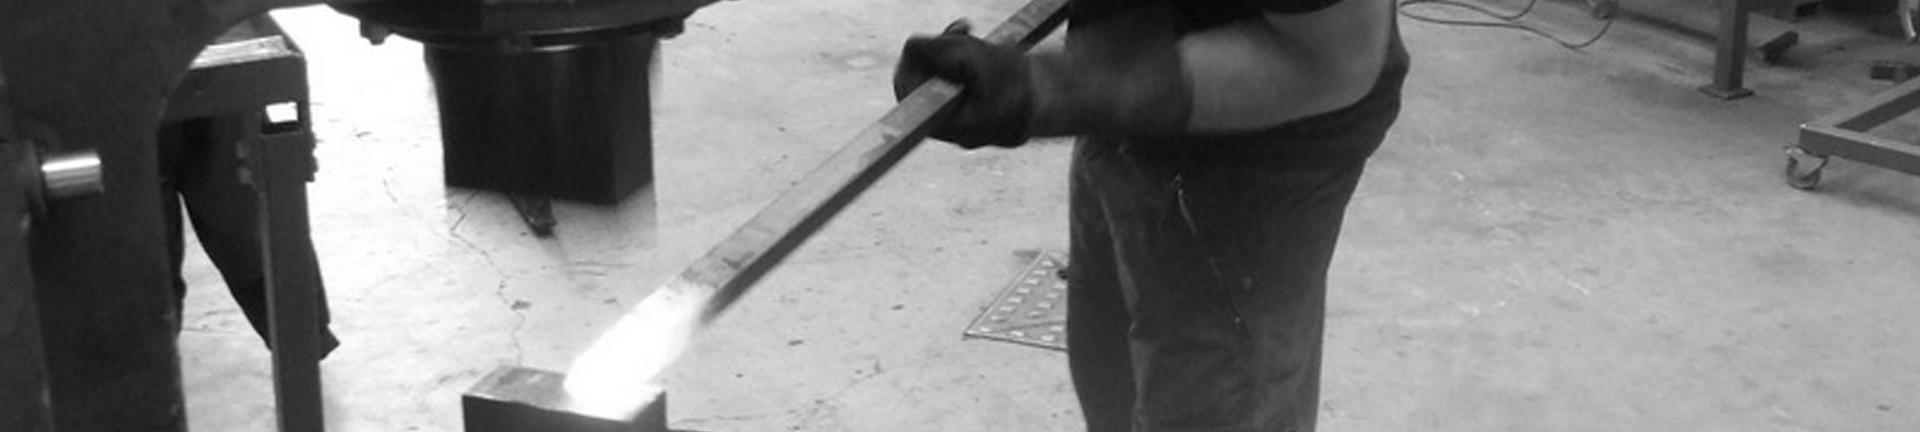 logo-john-hogan-hand-forged-ironwork-georgian-art-nouveau-gates-blacksmith-mayo-ireland-about